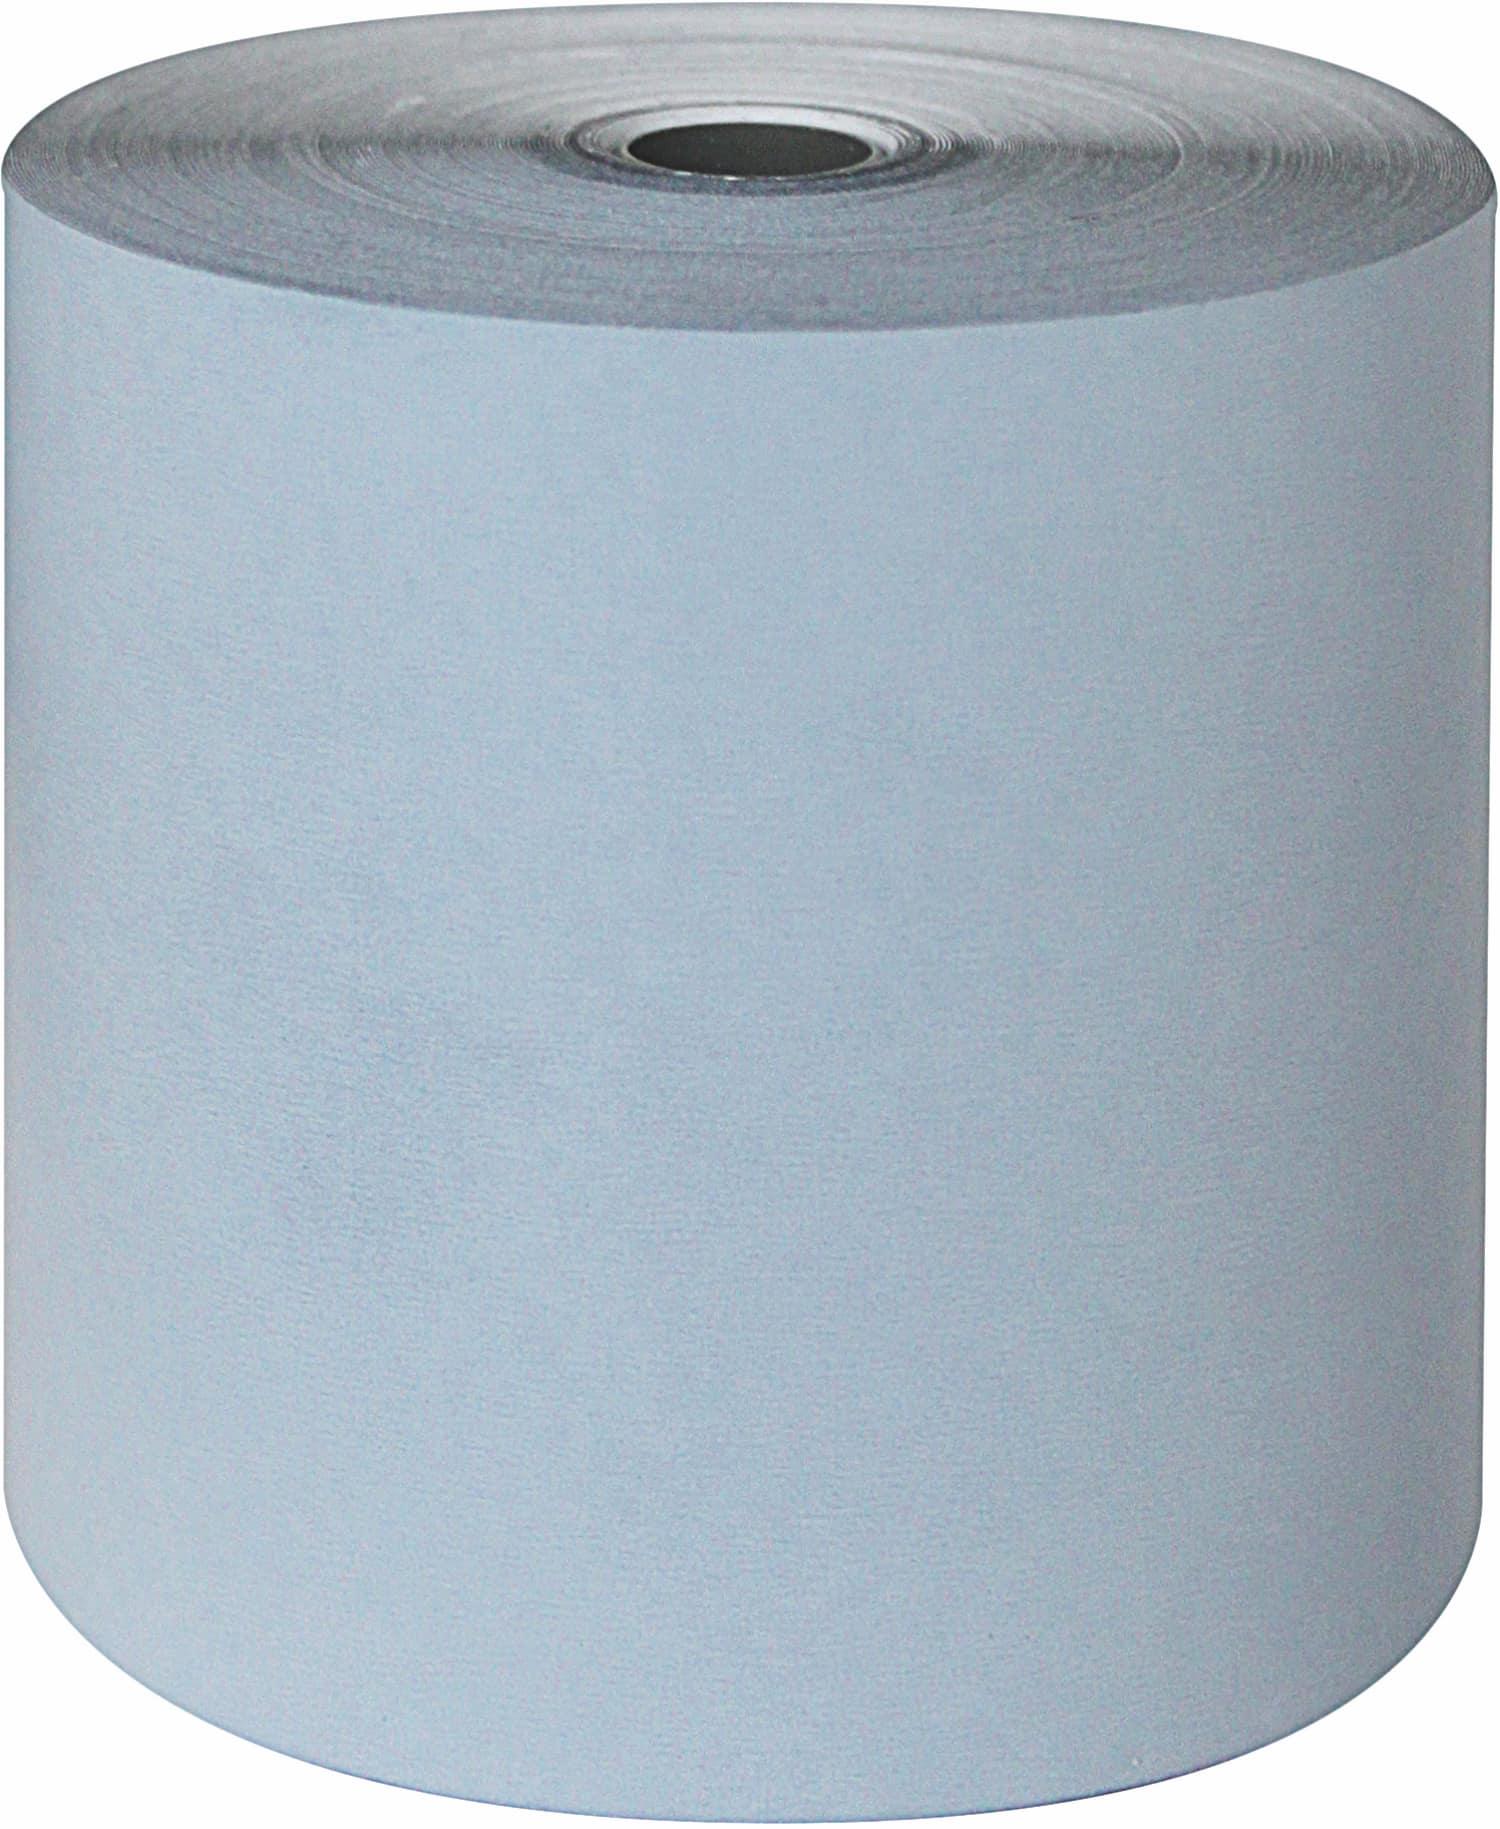 Thermorollen Blue4est® für Kassen, Waagen und EC-CASH